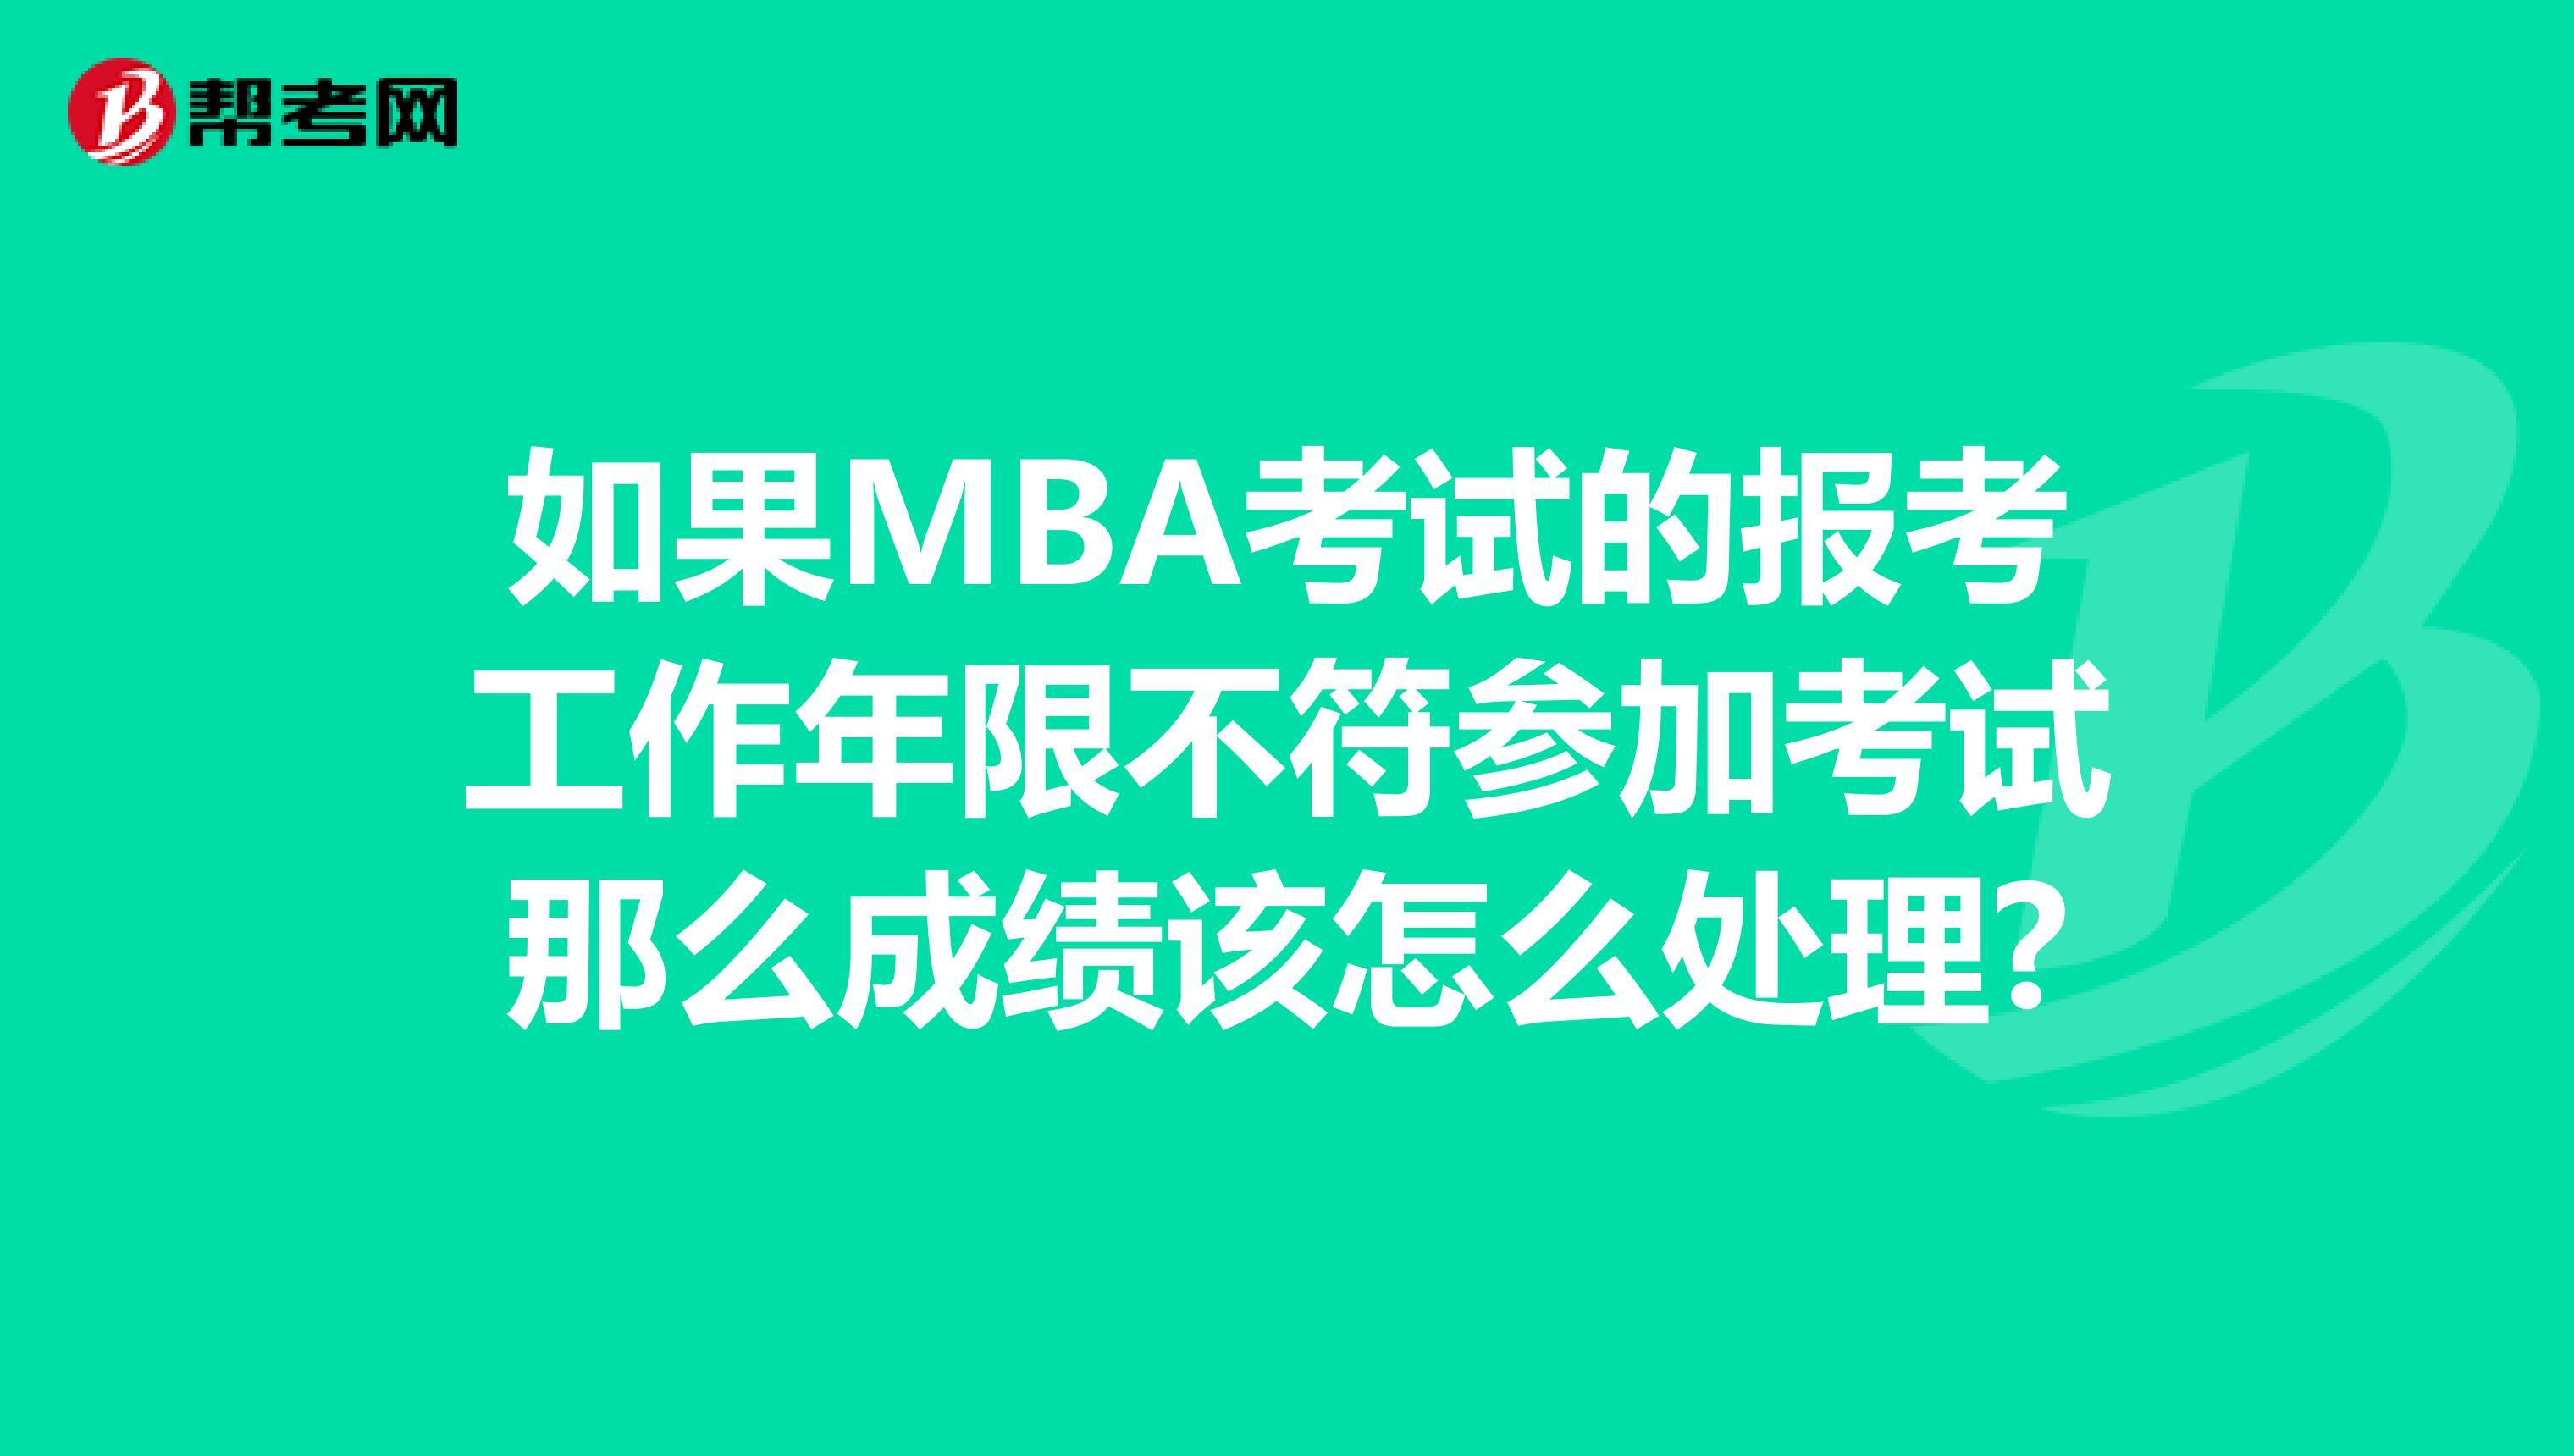 如果MBA考试的报考工作年限不符参加考试那么成绩该怎么处理?